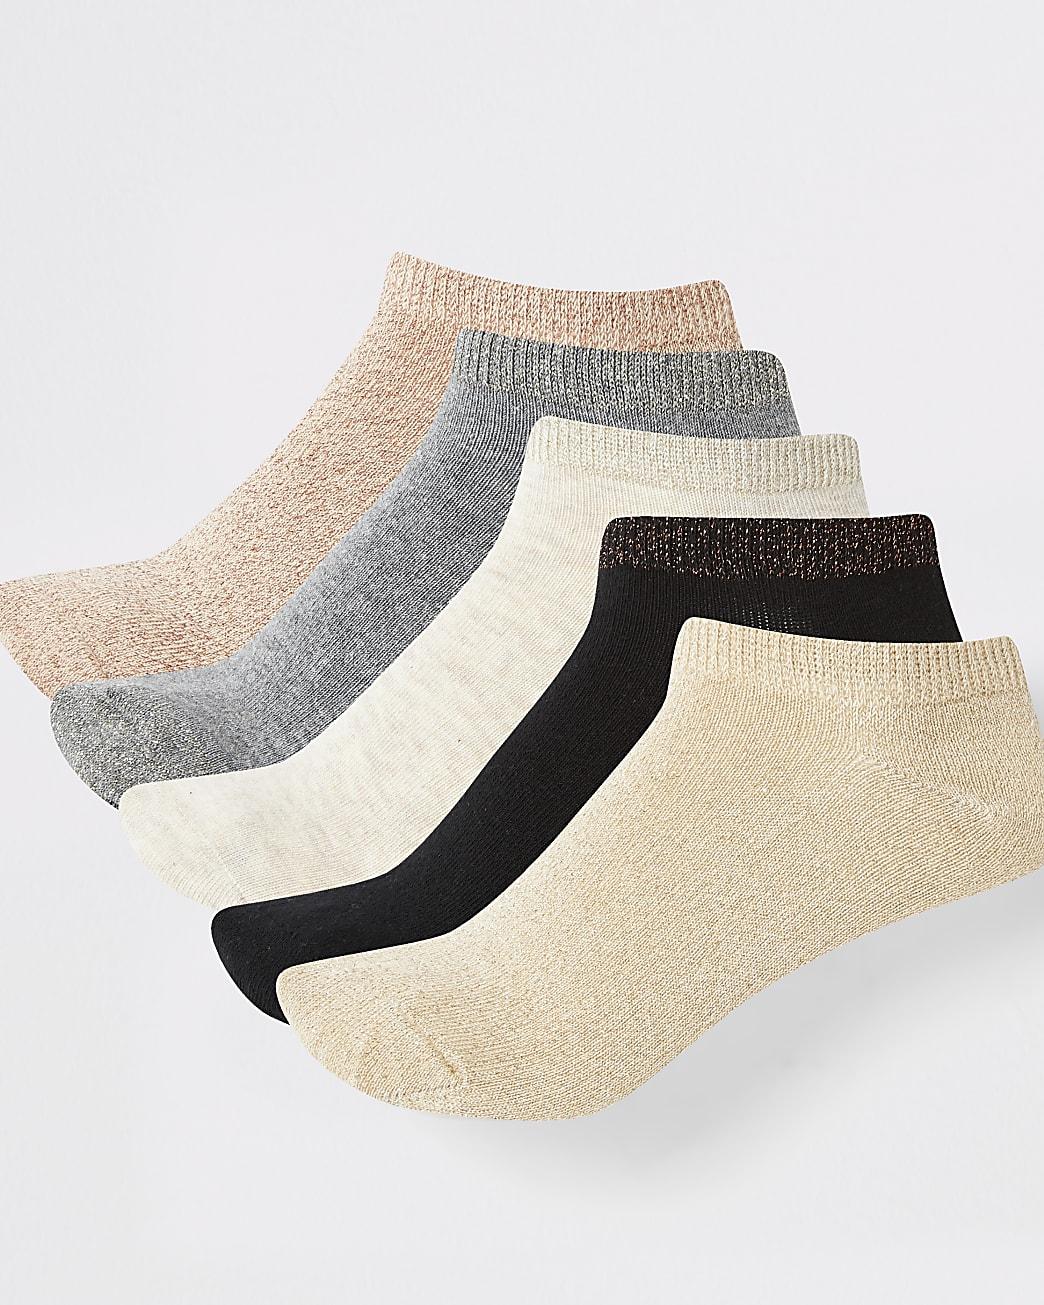 Multicoloured trainer socks pack of 5